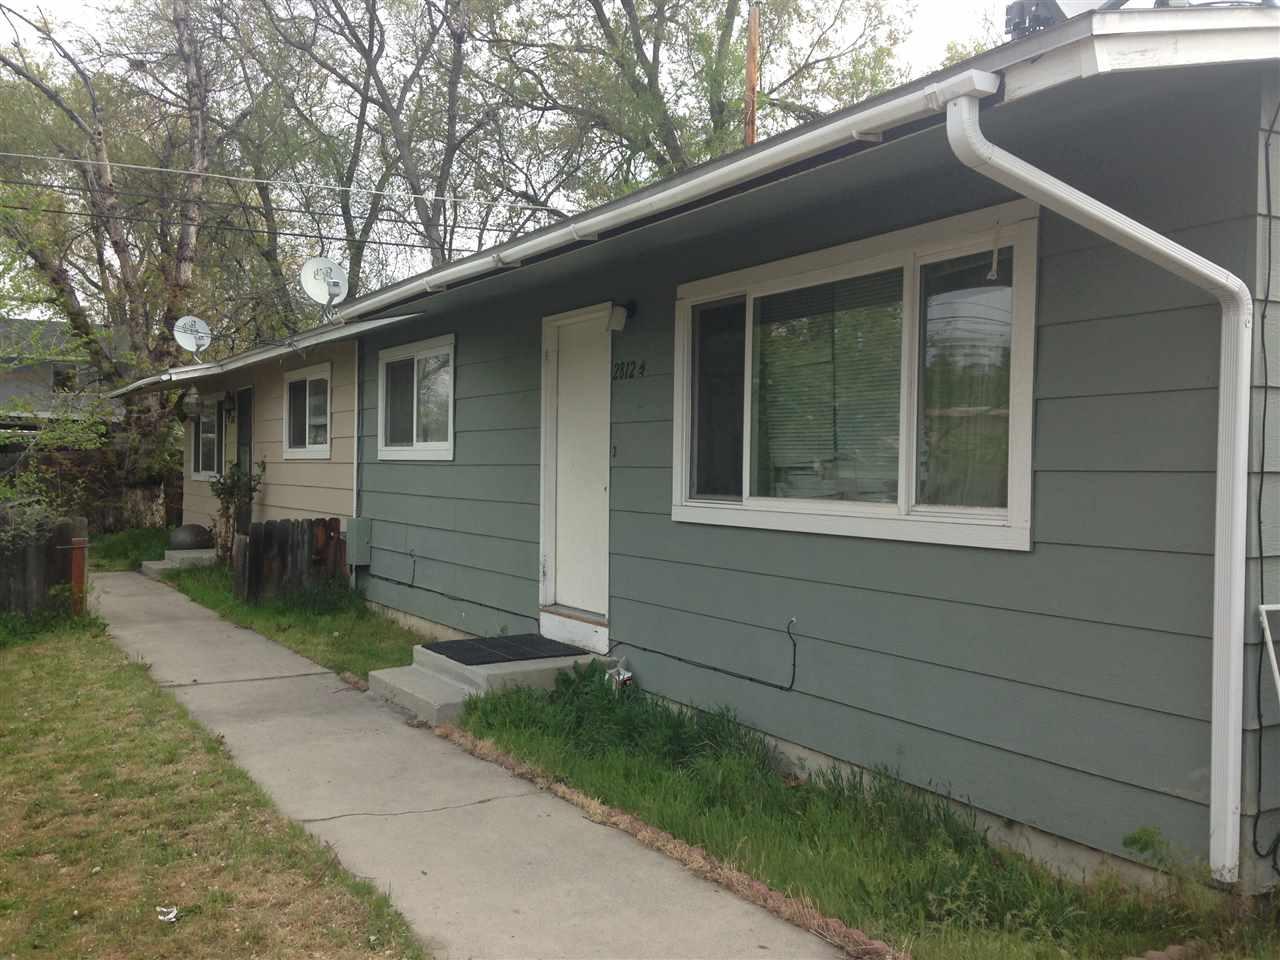 2812 Woodlawn, Boise, ID 83702